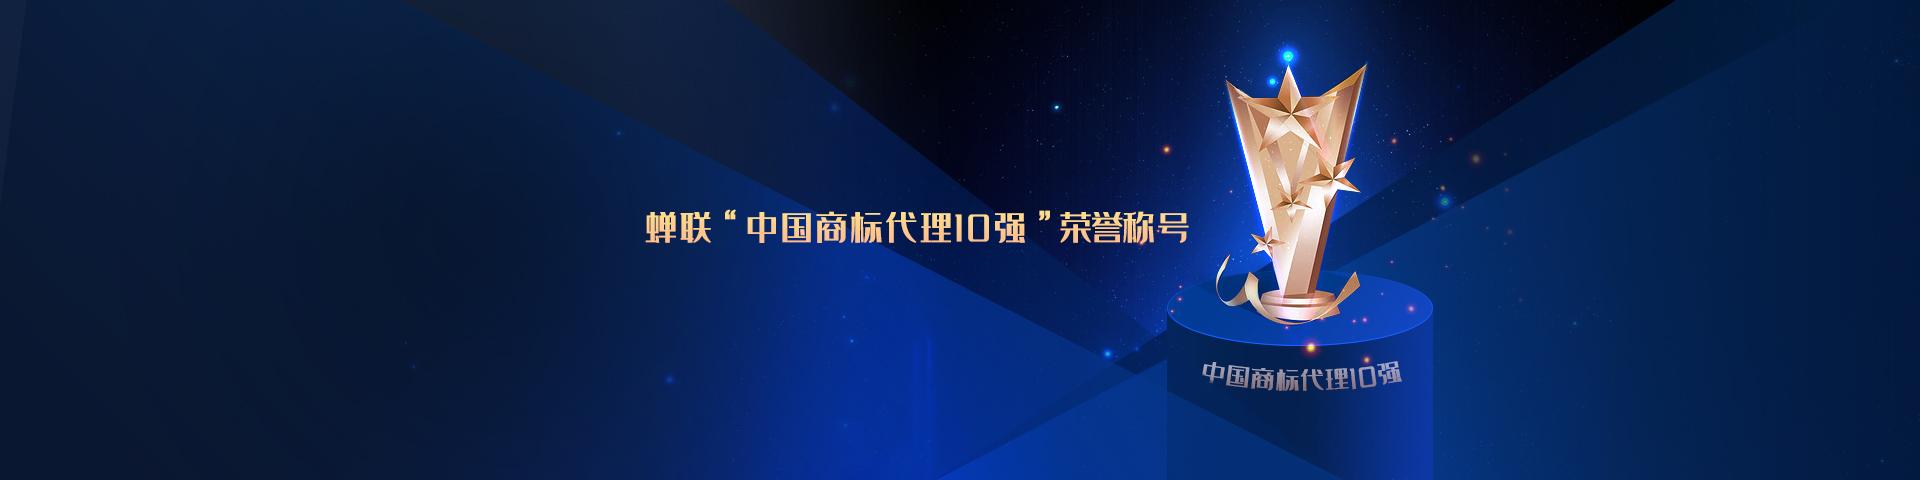 恭喜厦门叁玖叁科技有限公司